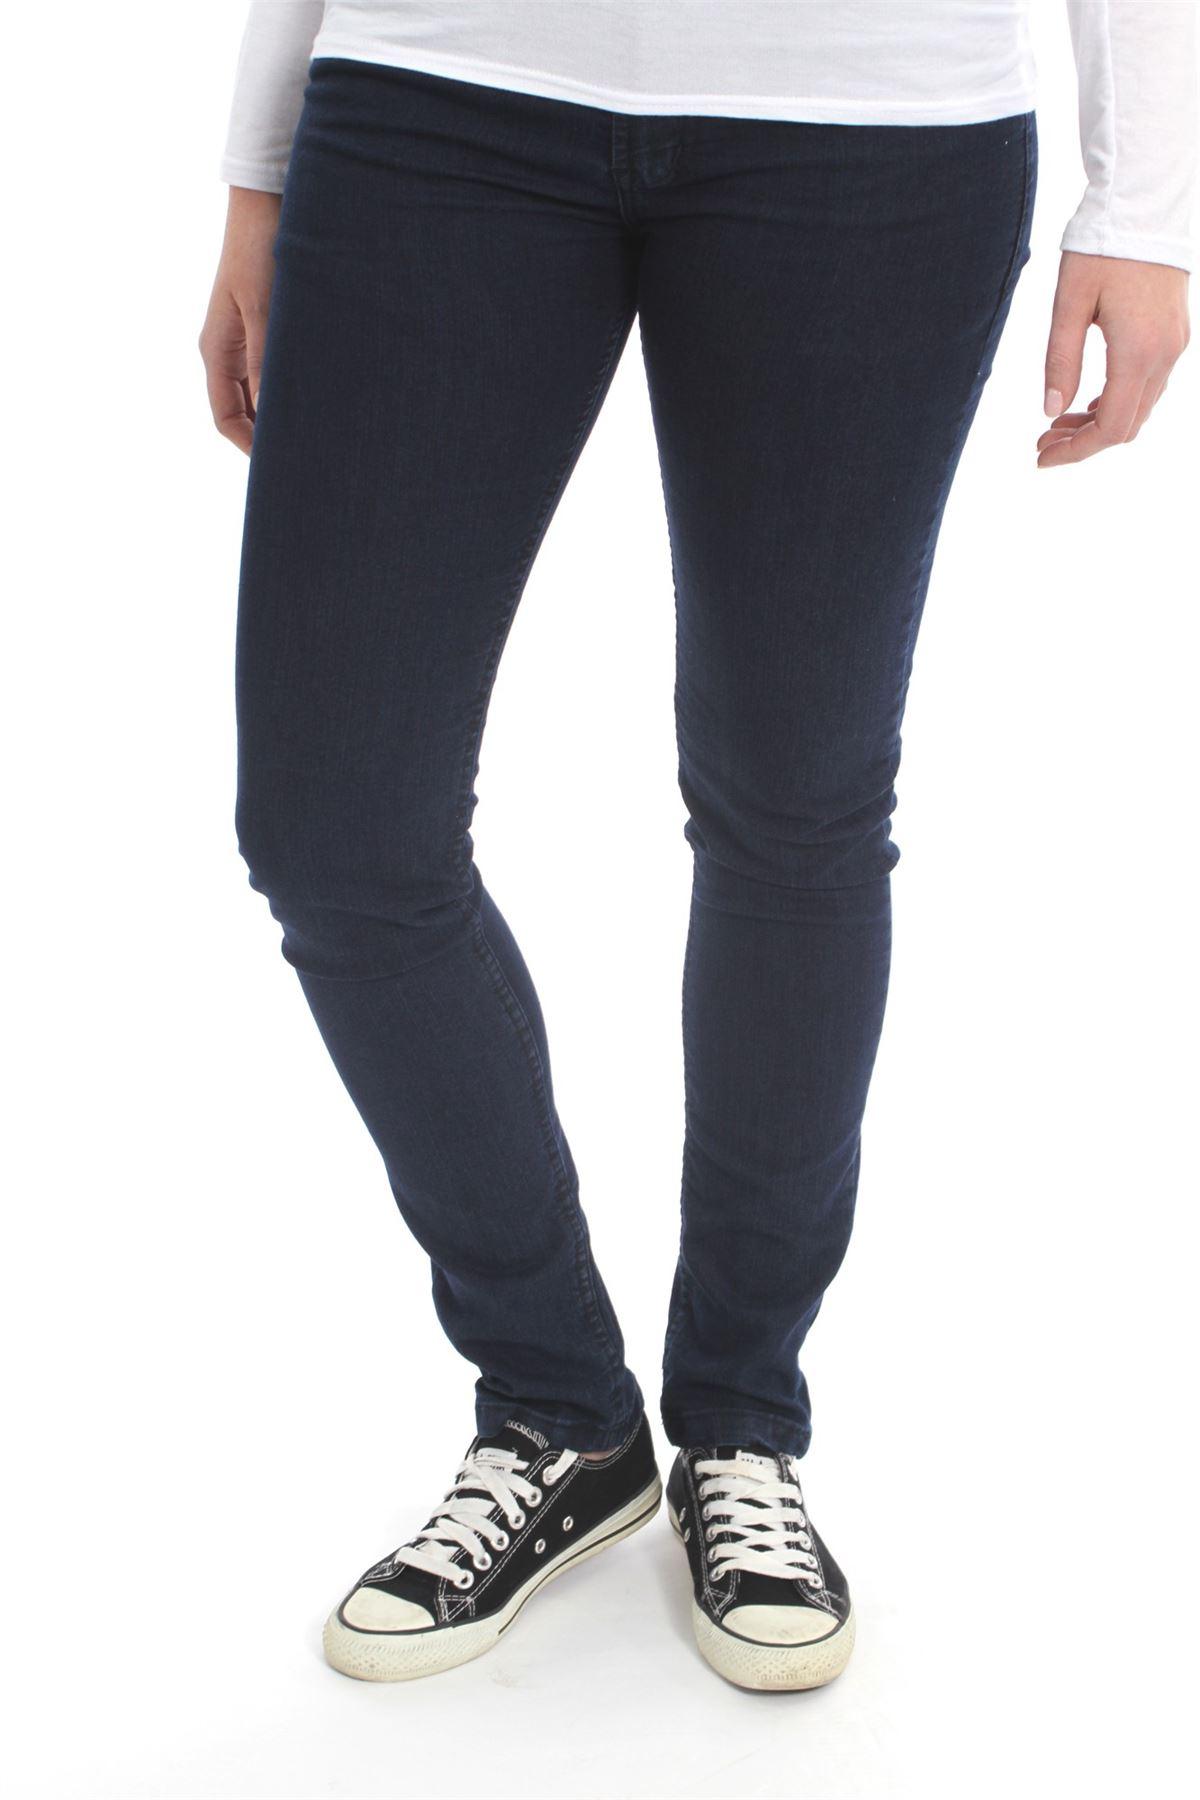 damen enge passform jeans m dchen dehnbare hose jeggings. Black Bedroom Furniture Sets. Home Design Ideas